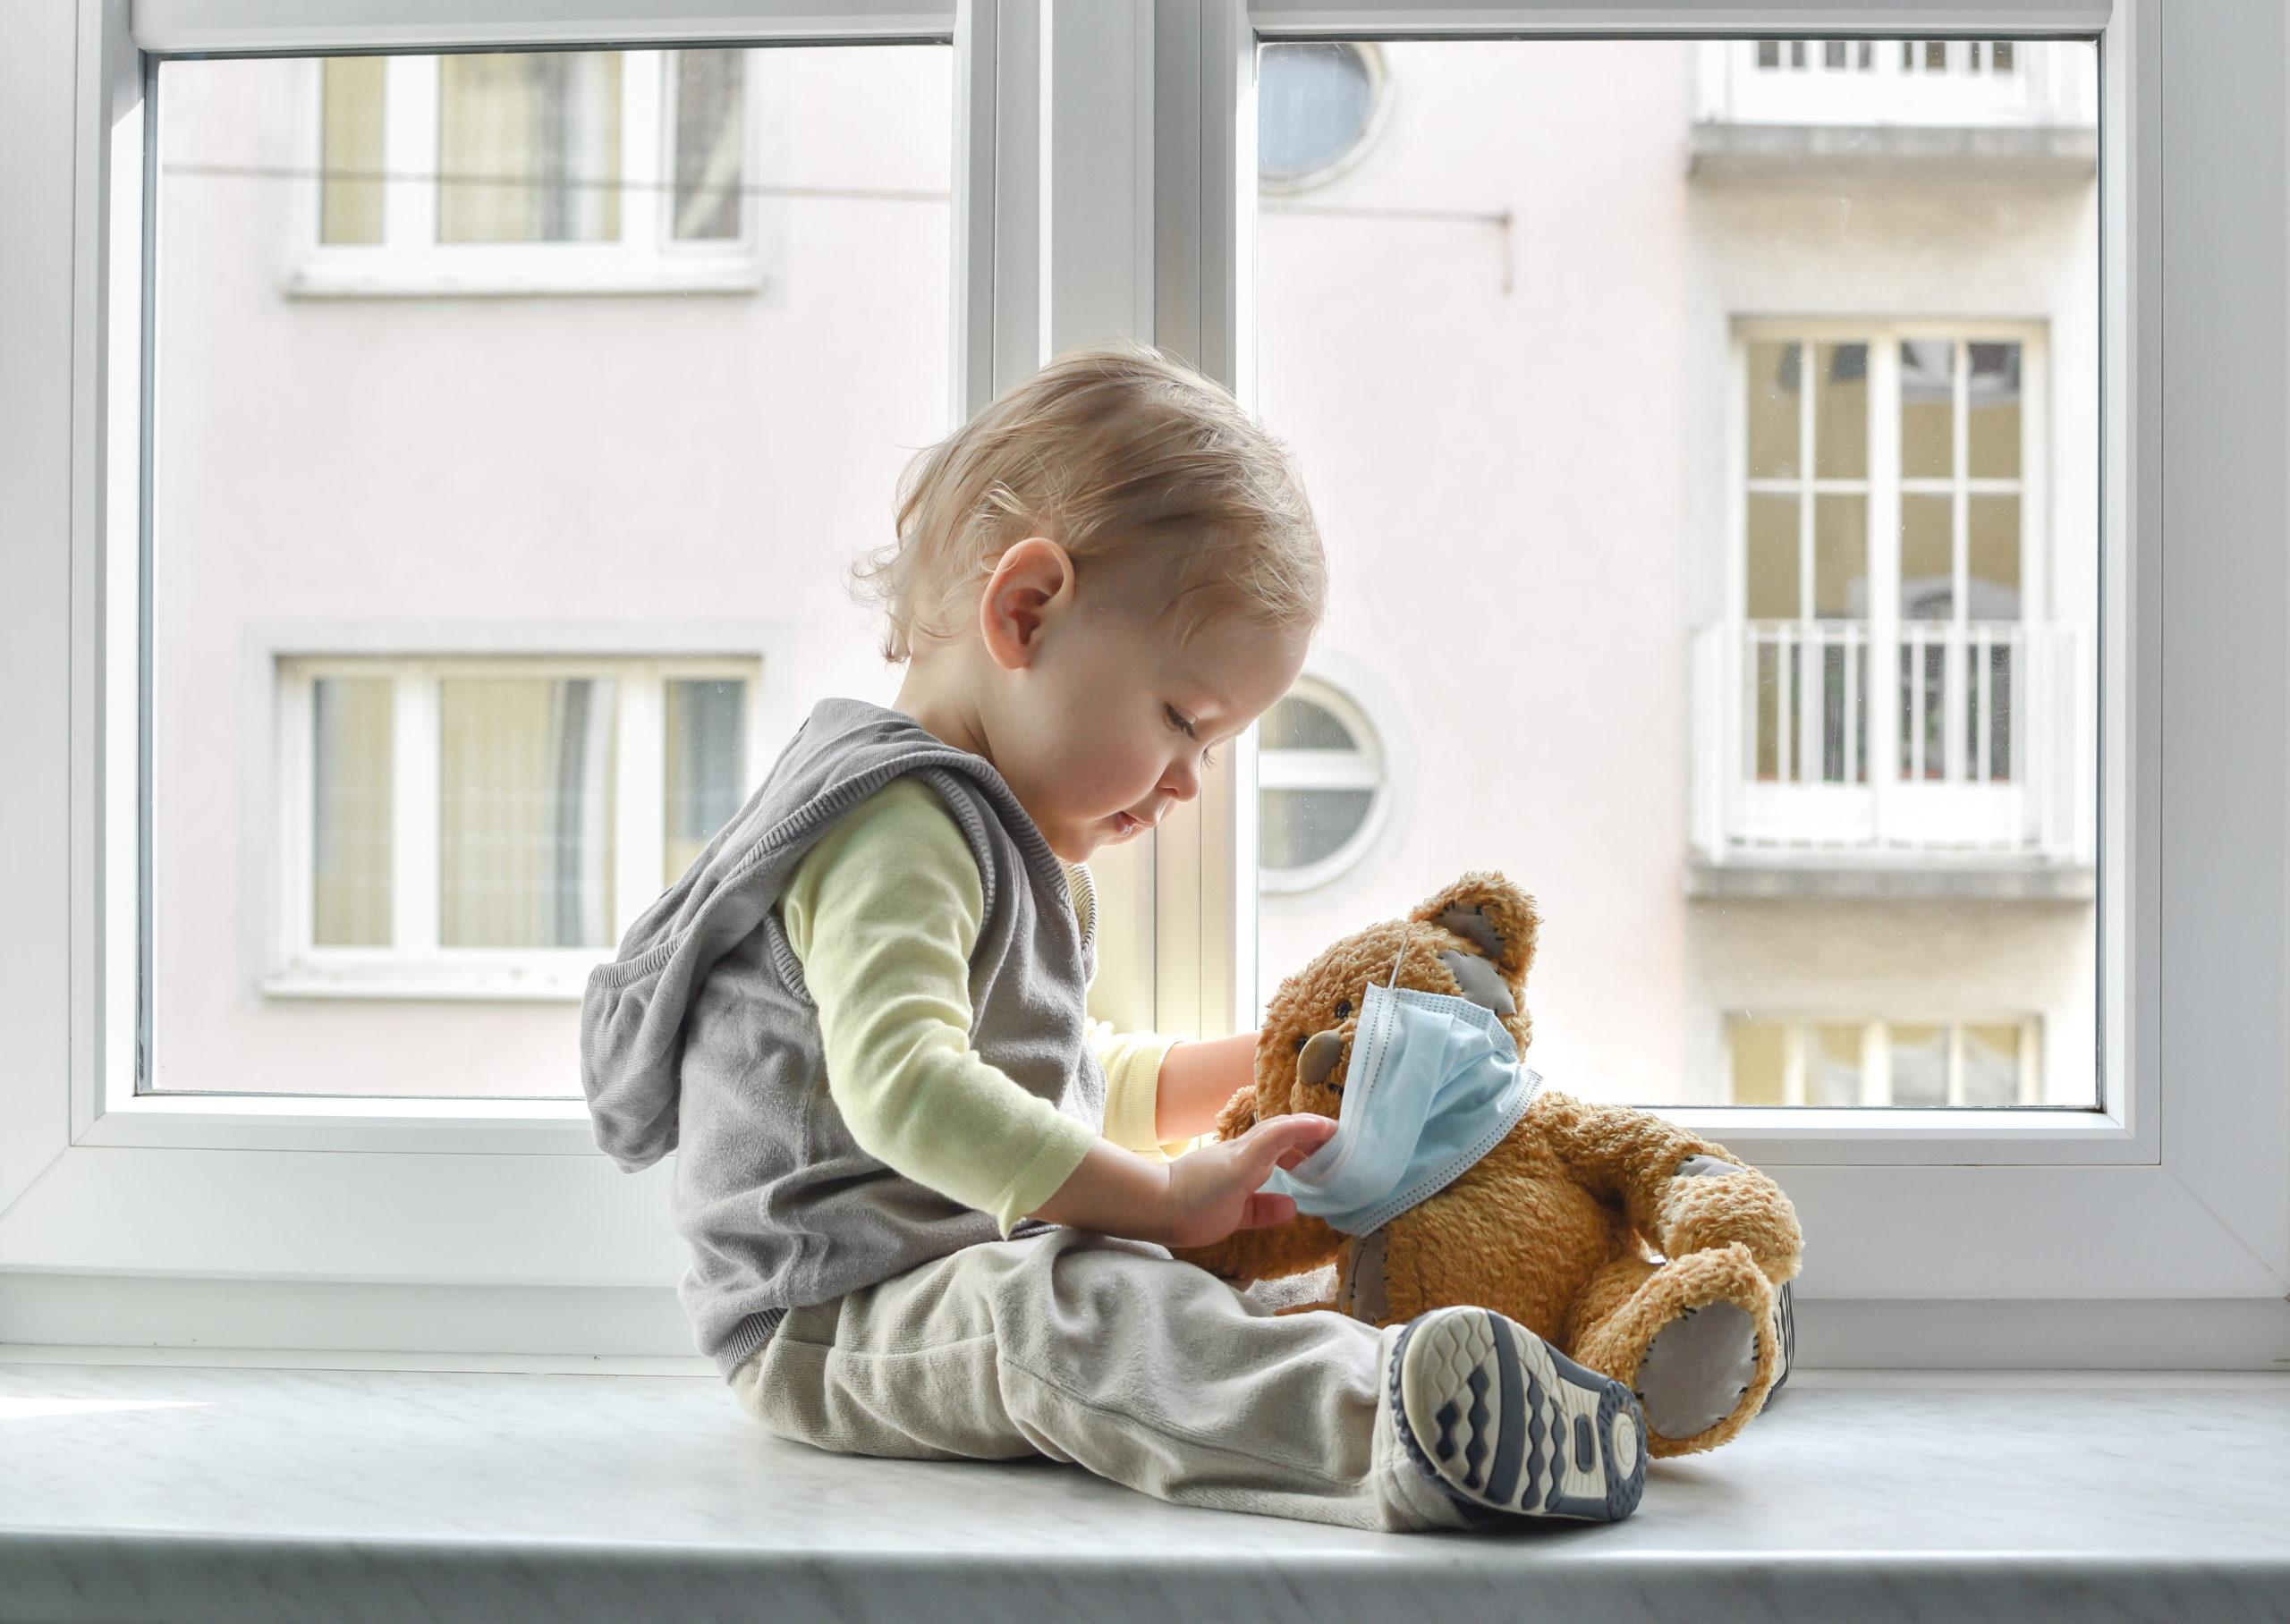 Salmonella nei bambini: come si cura, rischi, quanto dura, rimedi